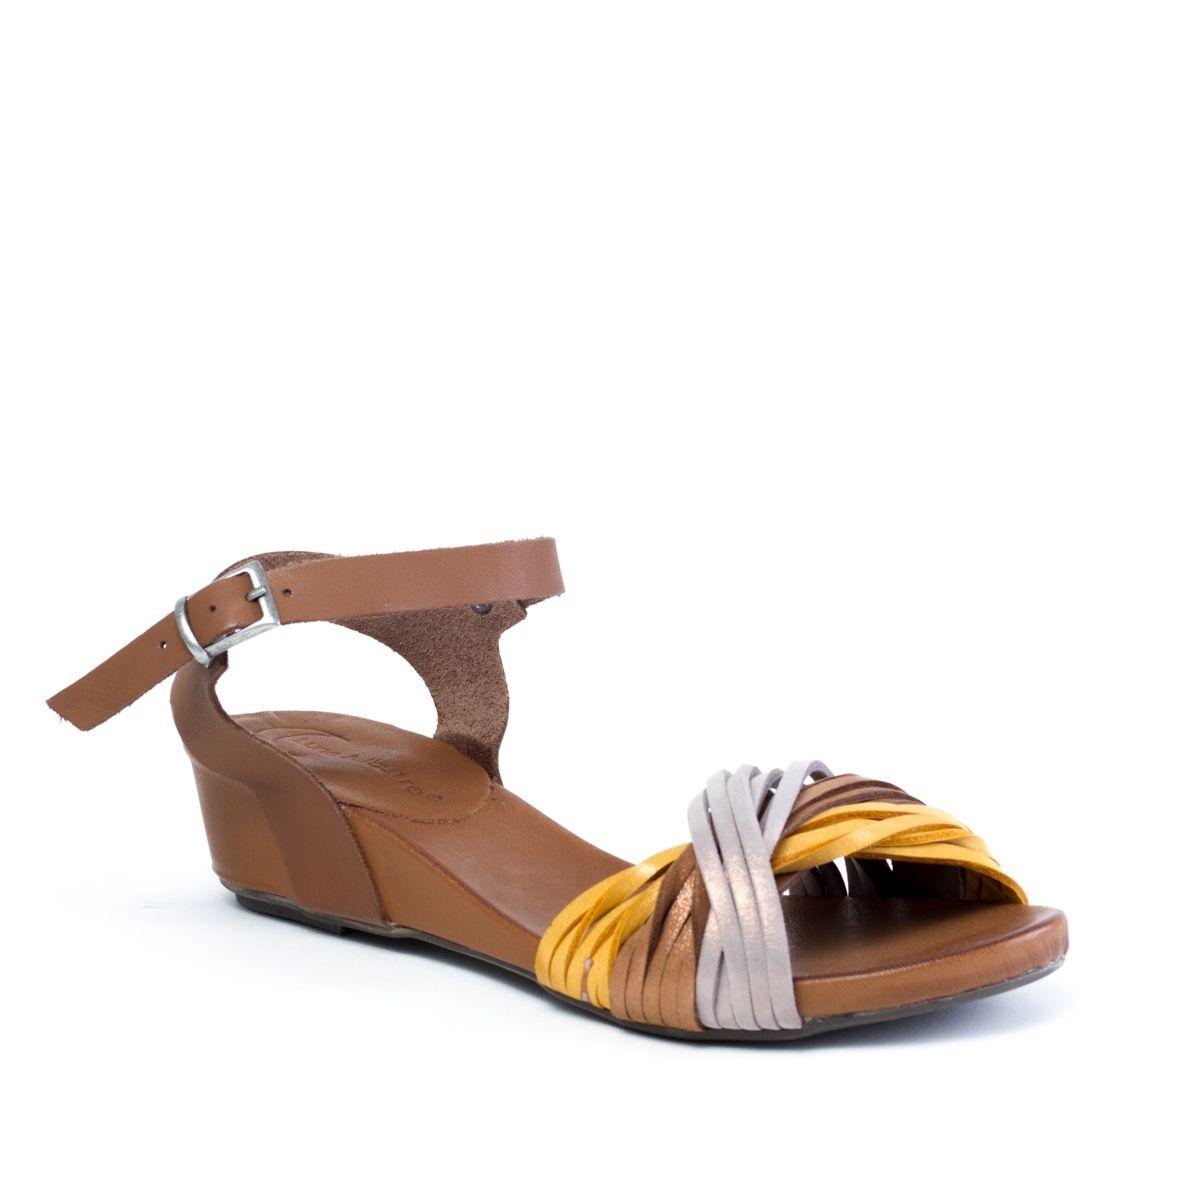 Shoes Hat Lune L'autre Lu31 NocheChaussures Et Newnature nwPkO0